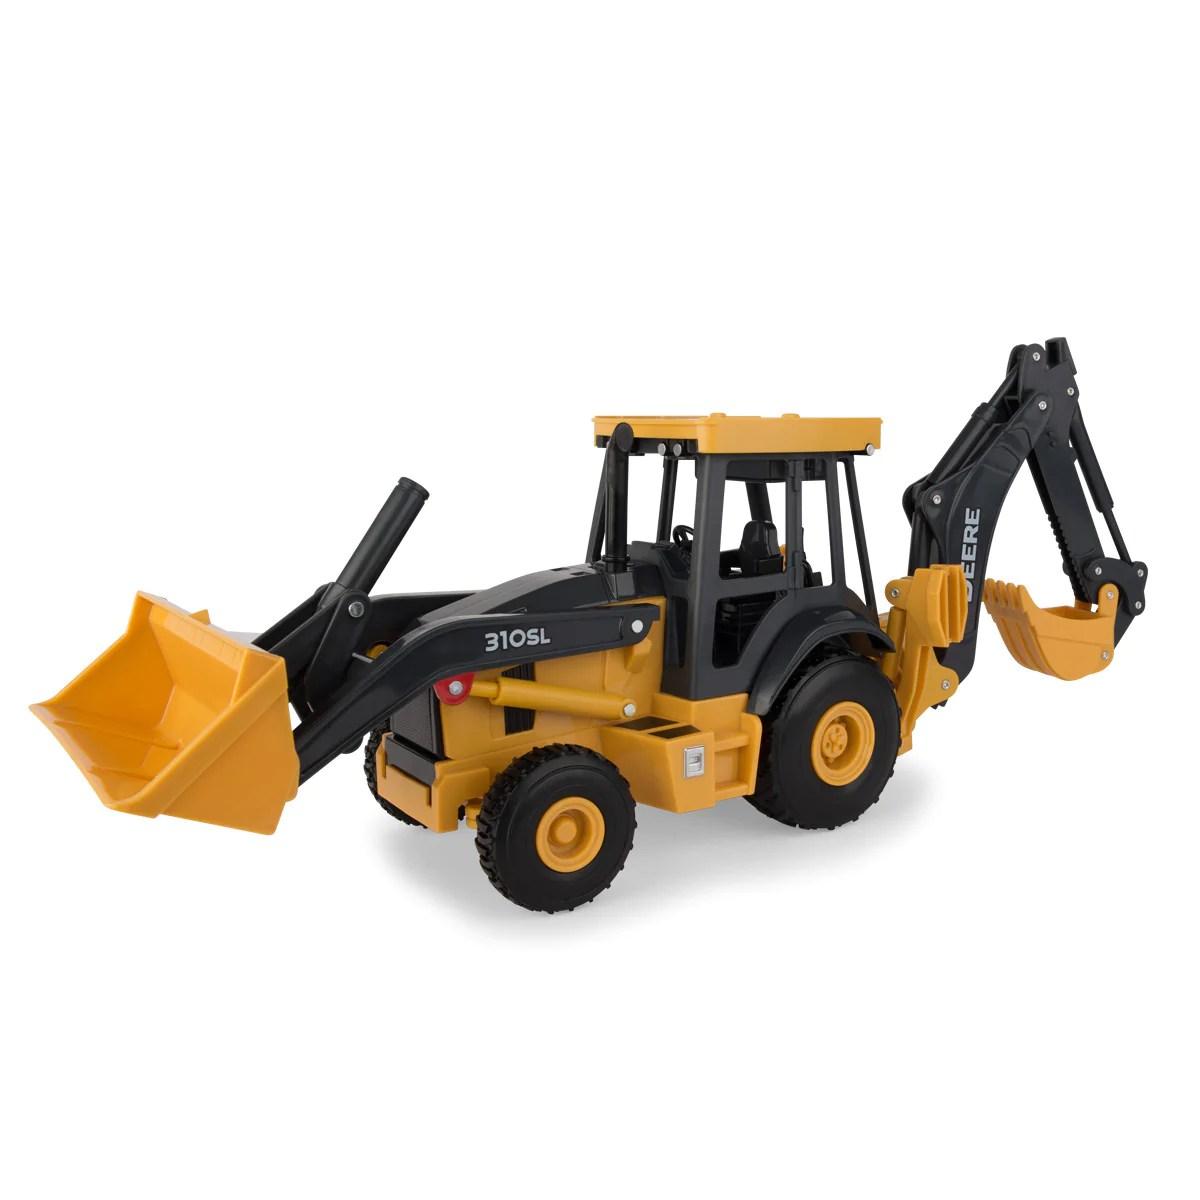 Toy 16 Deere John 1 Backhoe